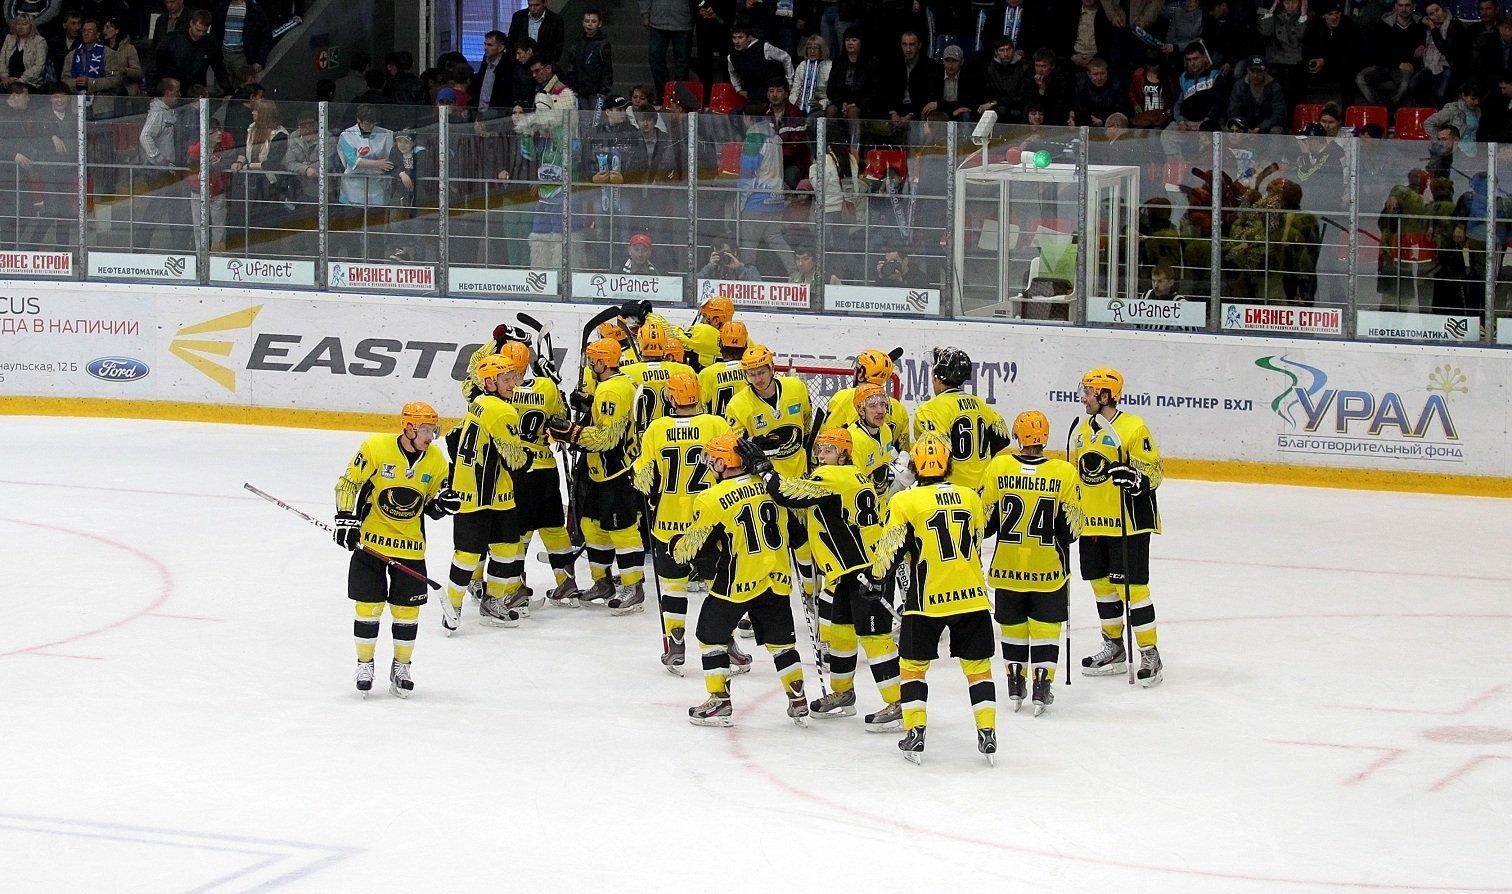 Хоккей. Ставки на Сары-Арка – Торос. Ставки на ВХЛ от 22 Марта 2016